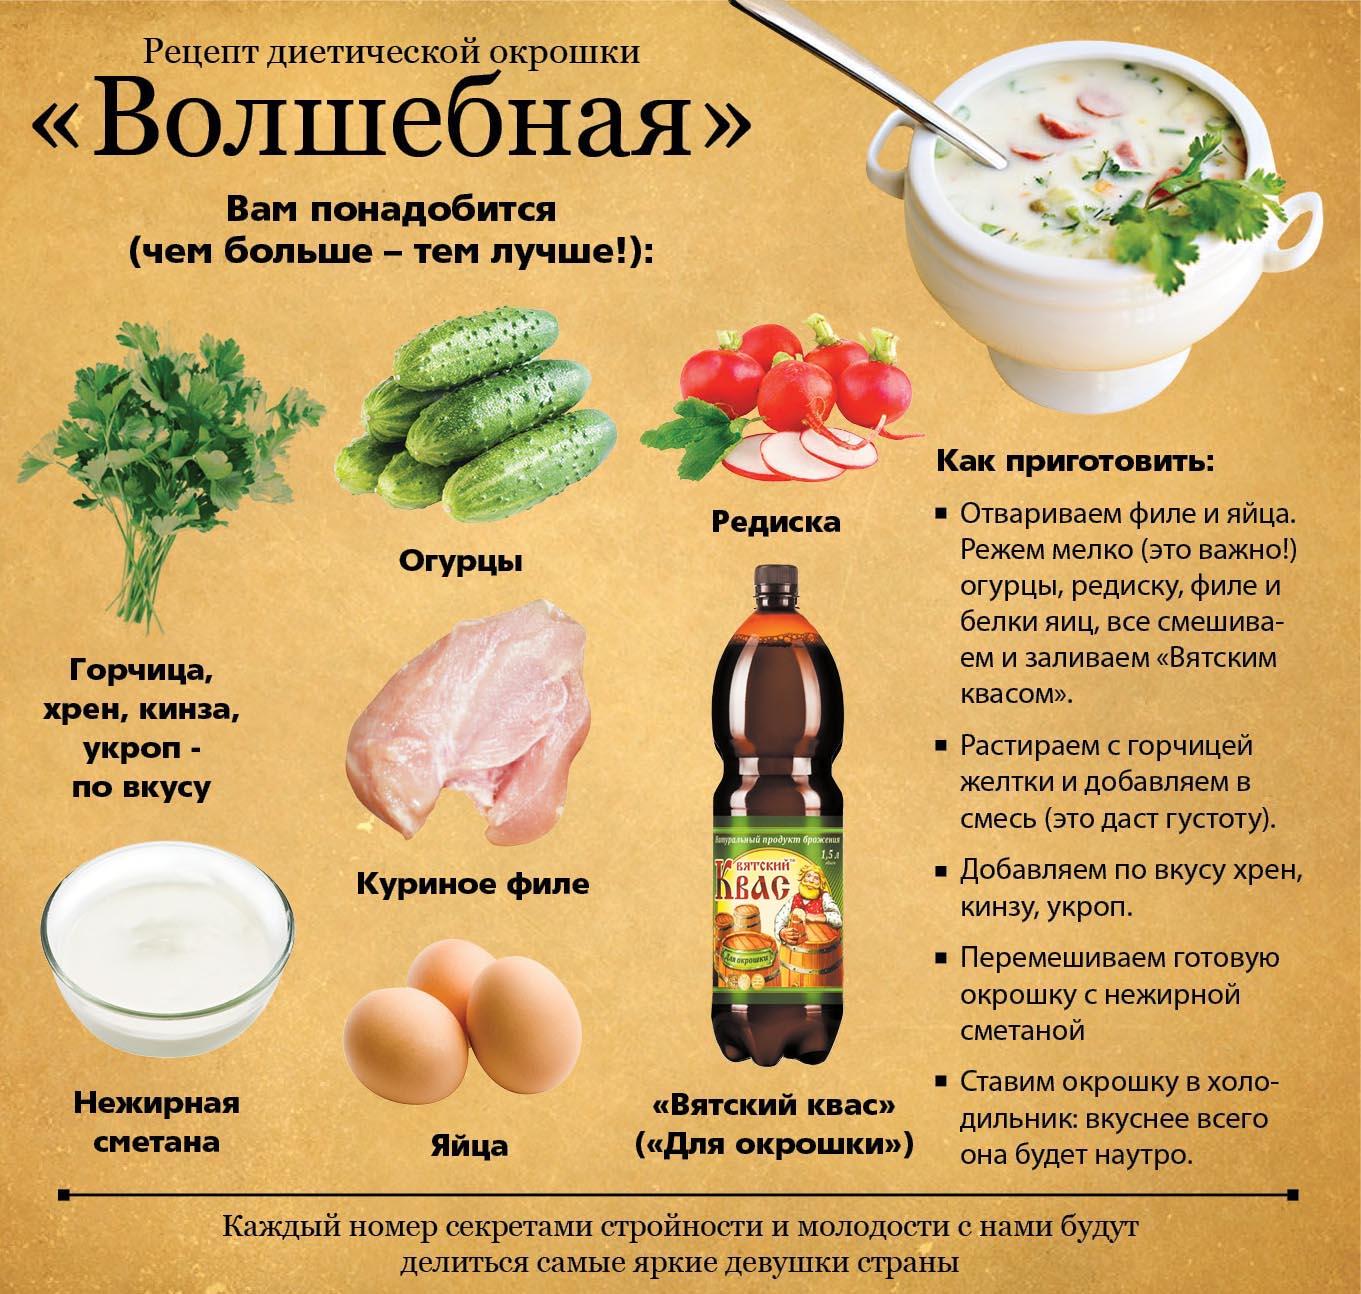 Рецепты самых хороших диет